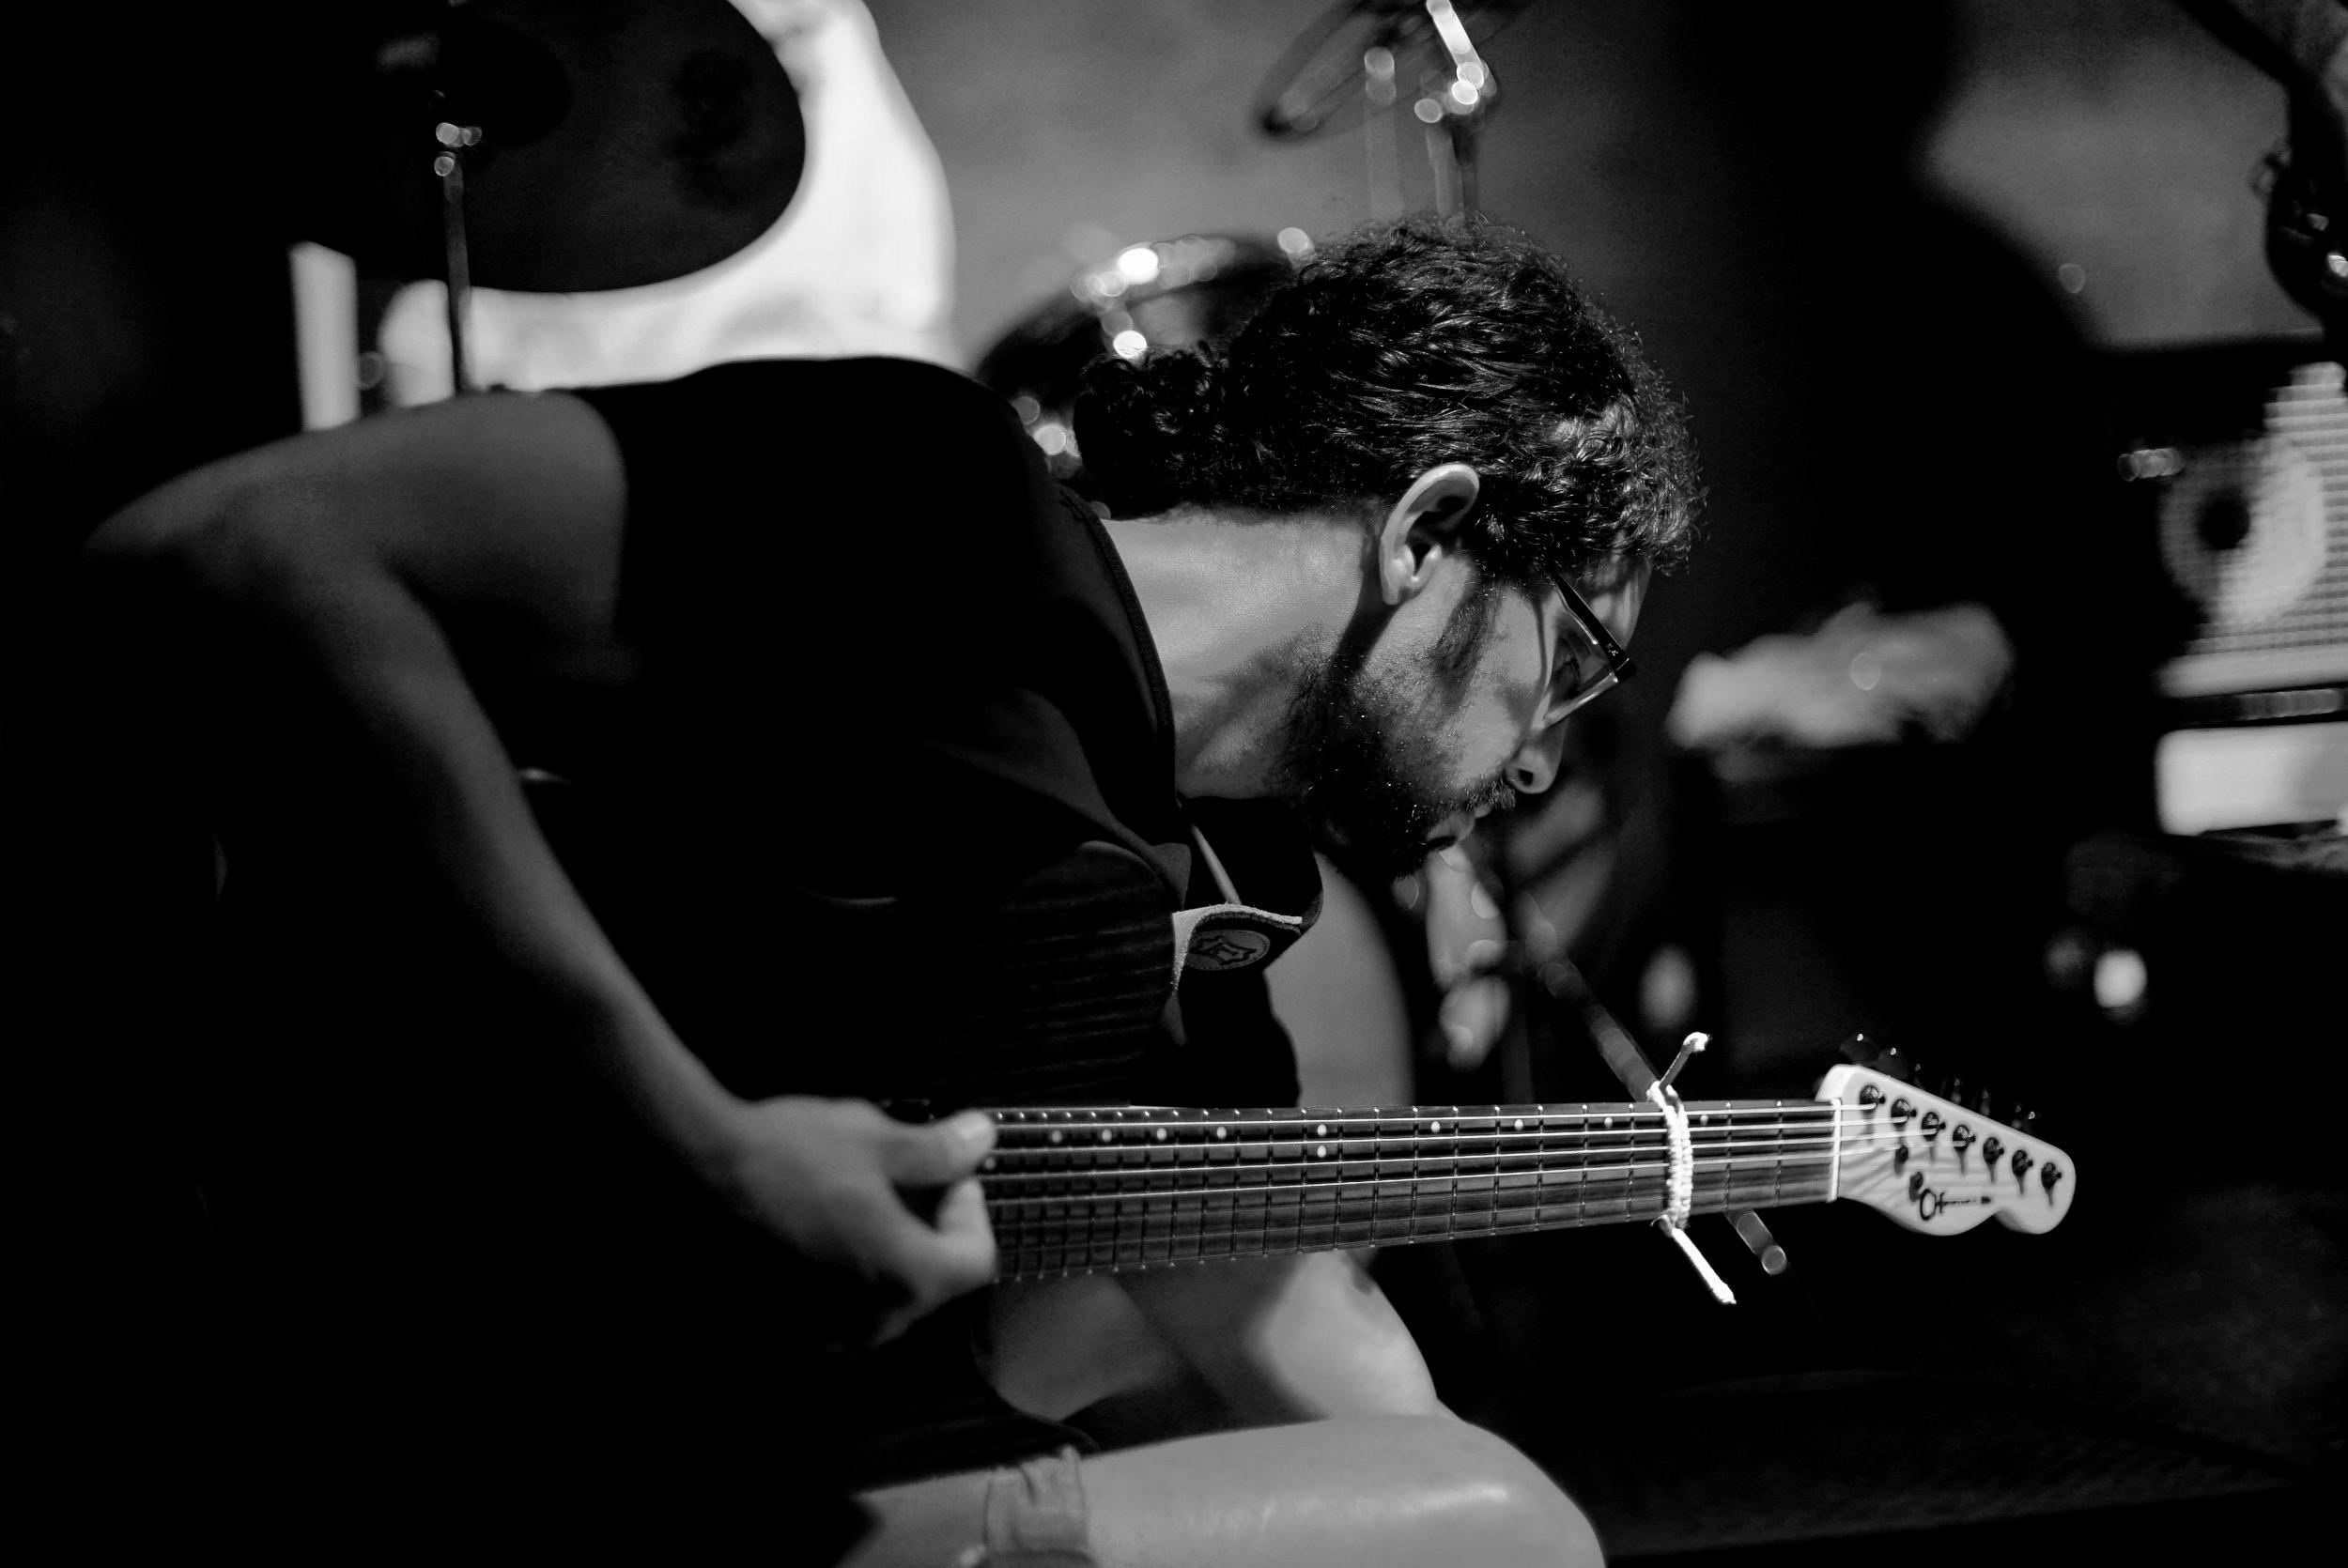 """DIEGO CAICEDO  photo: sophie graber    Diego Caicedo. Bucaramanga-Colombia, 6 de Agosto de 1977.  Guitarrist, composer.  He began his guitar studies with private teachers. Studied theoria, history, composition with the master Blas Emilio Atheortúa at UNAB (Universidad Autónoma de Bucaramanga). Studied at l'Aula del Liceu in Barcelona-Catalunya.  He is currently part of the free improvisation/spontaneous composition scene in Barcelona.  """"Hideousness and beauty are contained within each other. This prodigious paradox, in all its absurdity, leavens life itself, and in art makes that wholeness in which harmony and tension are unified."""" Andrei Tarkovsky-Sculpting in time  """"I am always sickened when an artist underpins his system of images with deliberate tendentiousness or ideology. I am against his allowing his methods to be discernible at all."""" Andrei Tarkovsky-Sculpting in time  """"El problema dodecafónico se fue planteando y resolviendo dentro de mí, no por influencias exteriores de procedimientos en boga en Europa, sino por fuertes demandas espirituales. Con el andar del tiempo ellas se plasmaron dentro de mí y renacieron, no como fenómeno objetivo de asimilación técnica sino como manifestación subjetiva de una necesidad interior. Es esta la única manera como yo concibo la transformación de los principios técnicos: como una necesidad imperiosa y espiritual del impulso creador."""" Alberto Ginastera-Ginastera en cinco movimientos  """"Porque la belleza no es cuestión de grados. Es la eclosión de un clima espiritual dentro del cual el artista se transfigura por el impulso de la creación y su obra, surgida de lo profundo de su alma e integrada por elementos humanos y personales, se purifica y se vuelve diáfana y clara. Se universaliza. El ideal de belleza debe, pues, prevalecer en todo. Hay belleza en las terribles pinturas del Bosco; en los dramáticos cuadros de Picasso; en las sarcásticas páginas de Prokofiev; en las herméticas obras de Webern; en las sombrías realidades de """